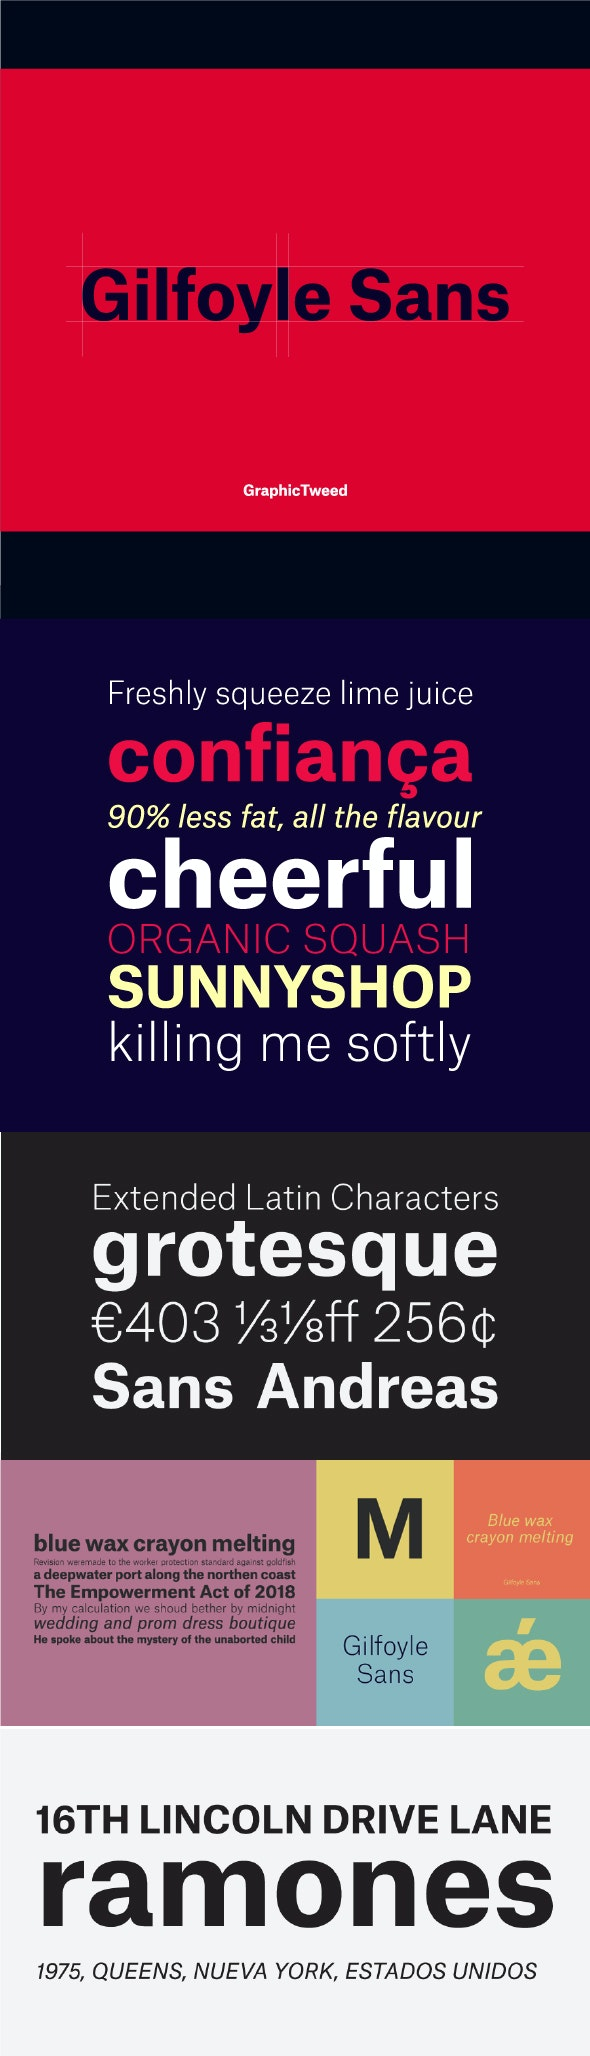 Gilfoyle Sans Serif Font - Sans-Serif Fonts